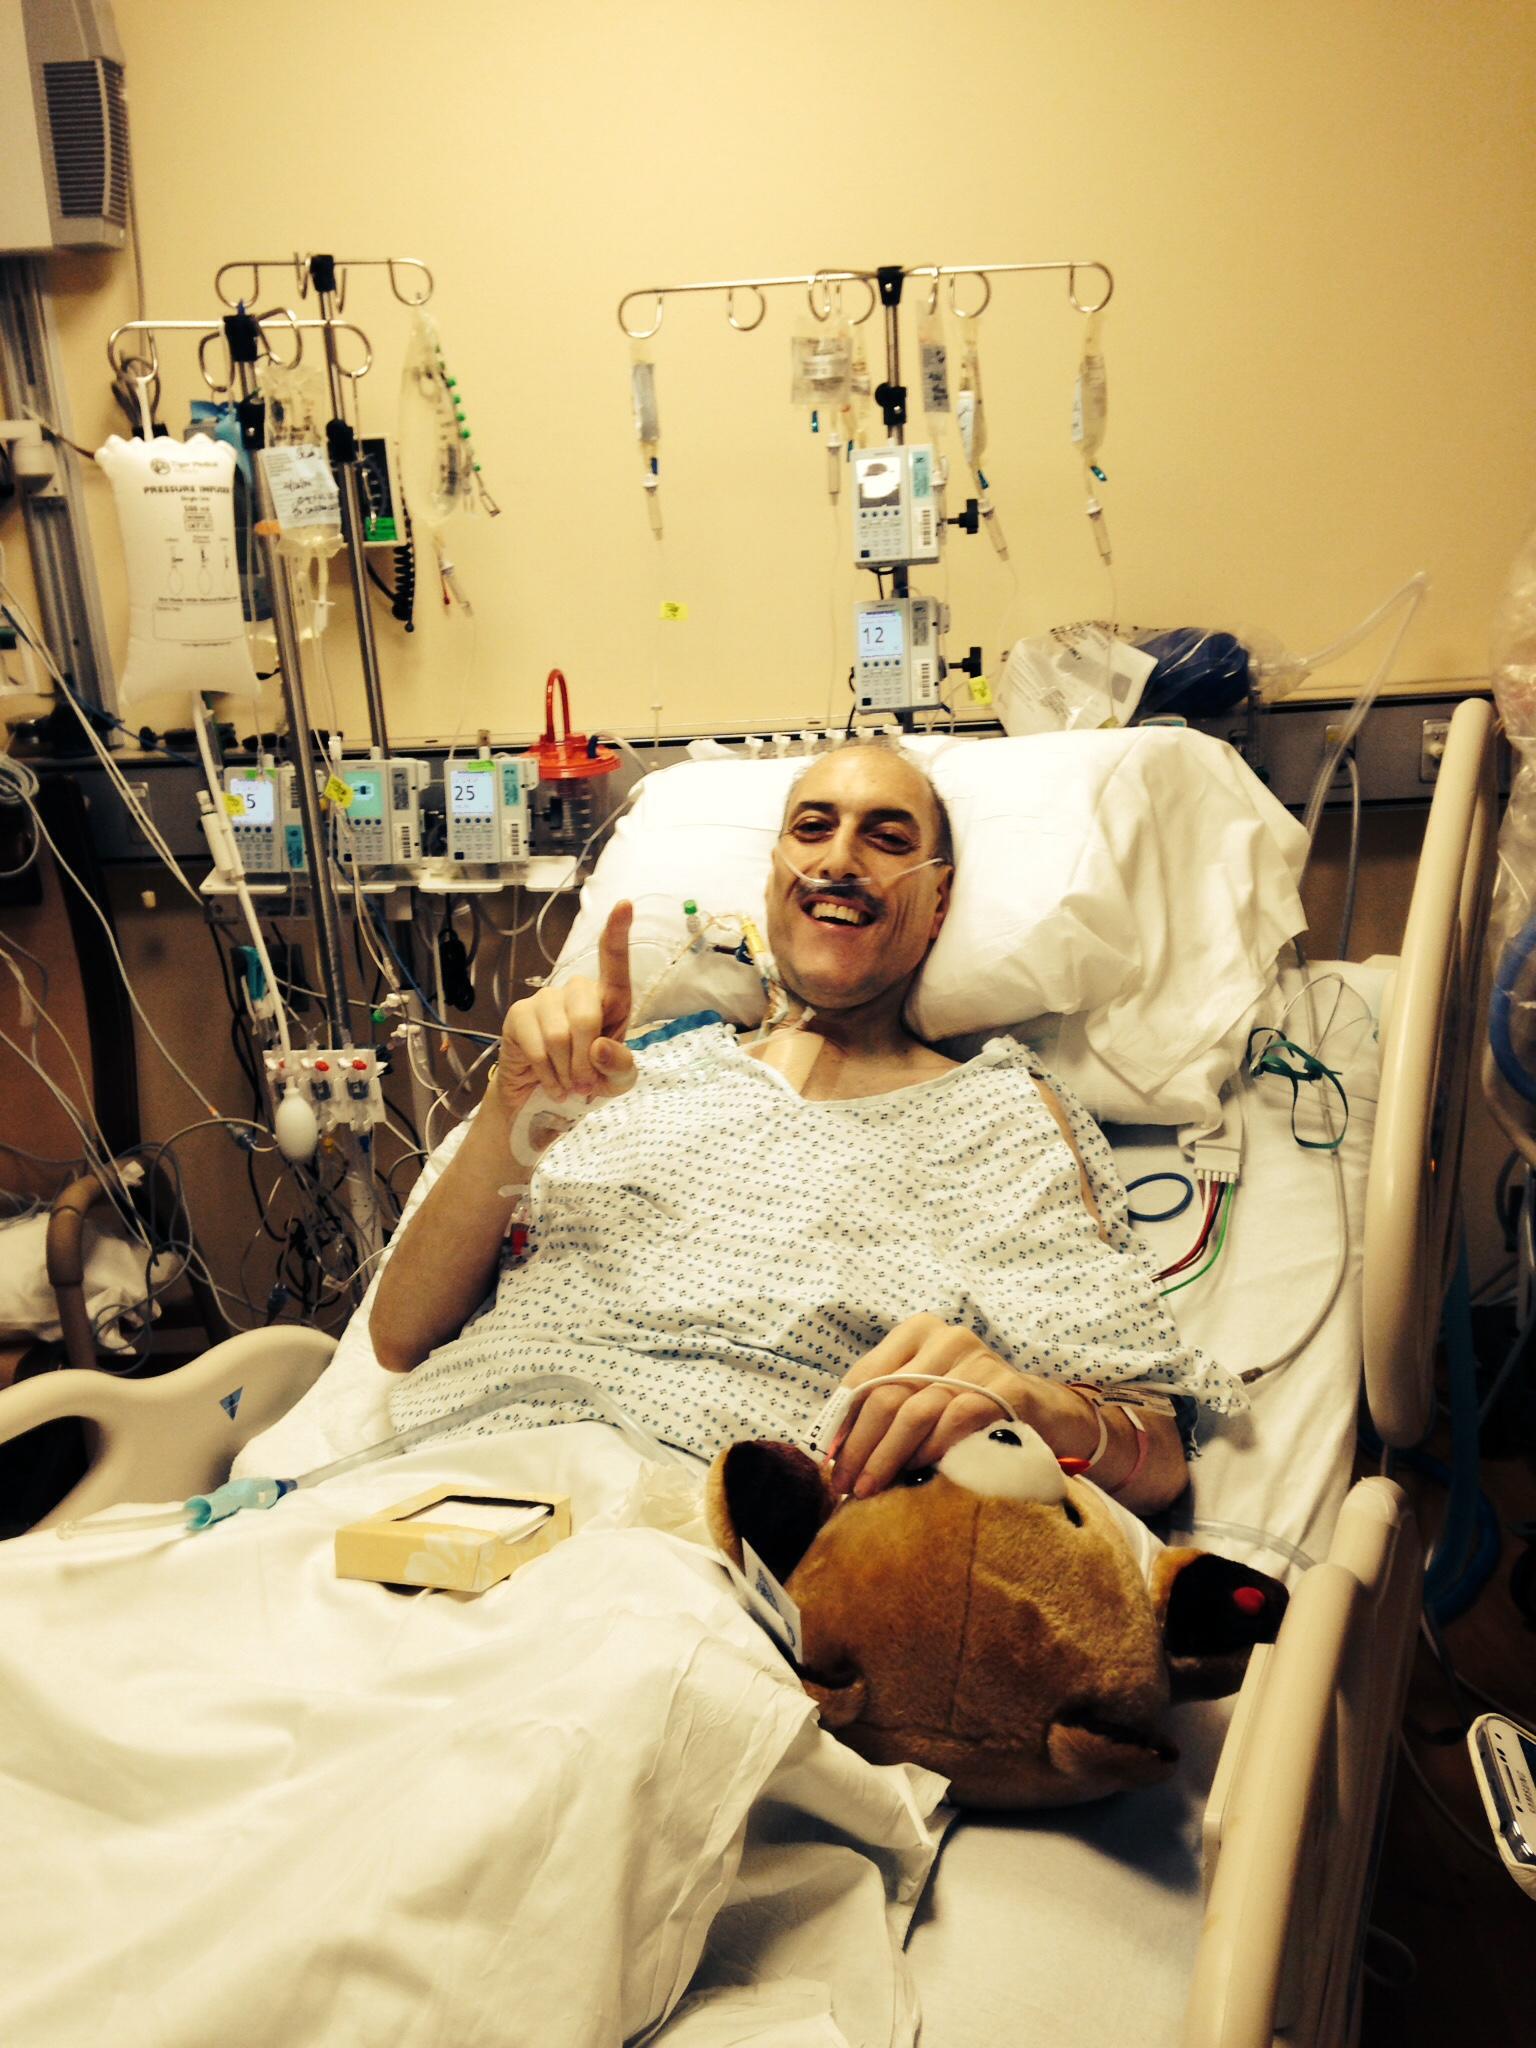 FS_after_surgery.JPG